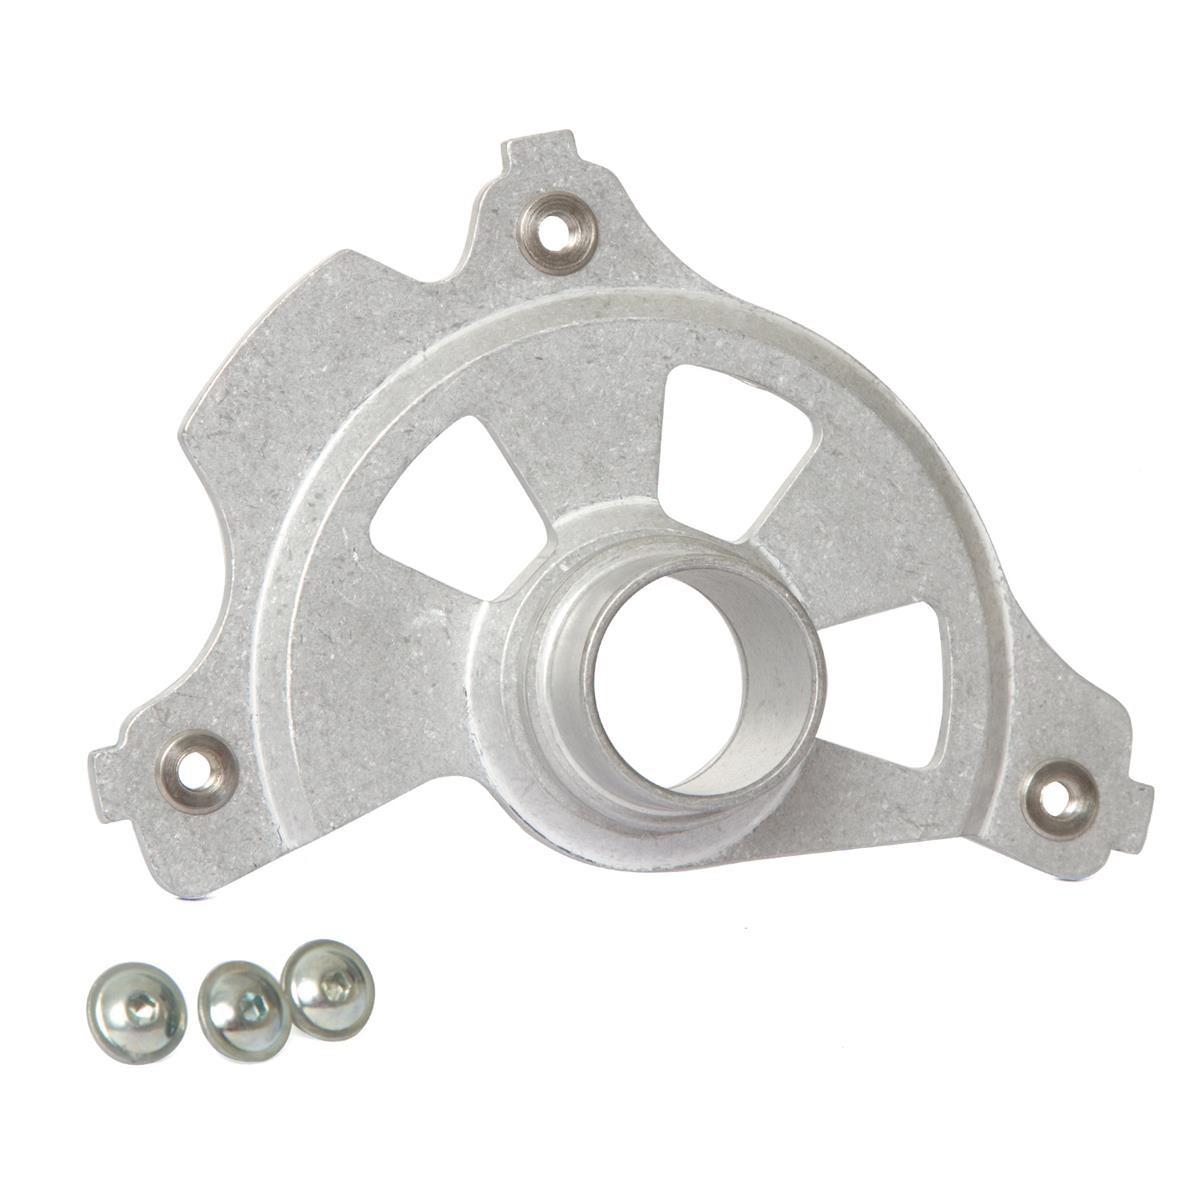 Acerbis Bremsscheibenschutz-Montagekit Spider Evolution/X-Brake KTM SX/SX-F, EXC/EXC-F, Husqvarna TE/FE, TC/FC, Aluminium, Vorn